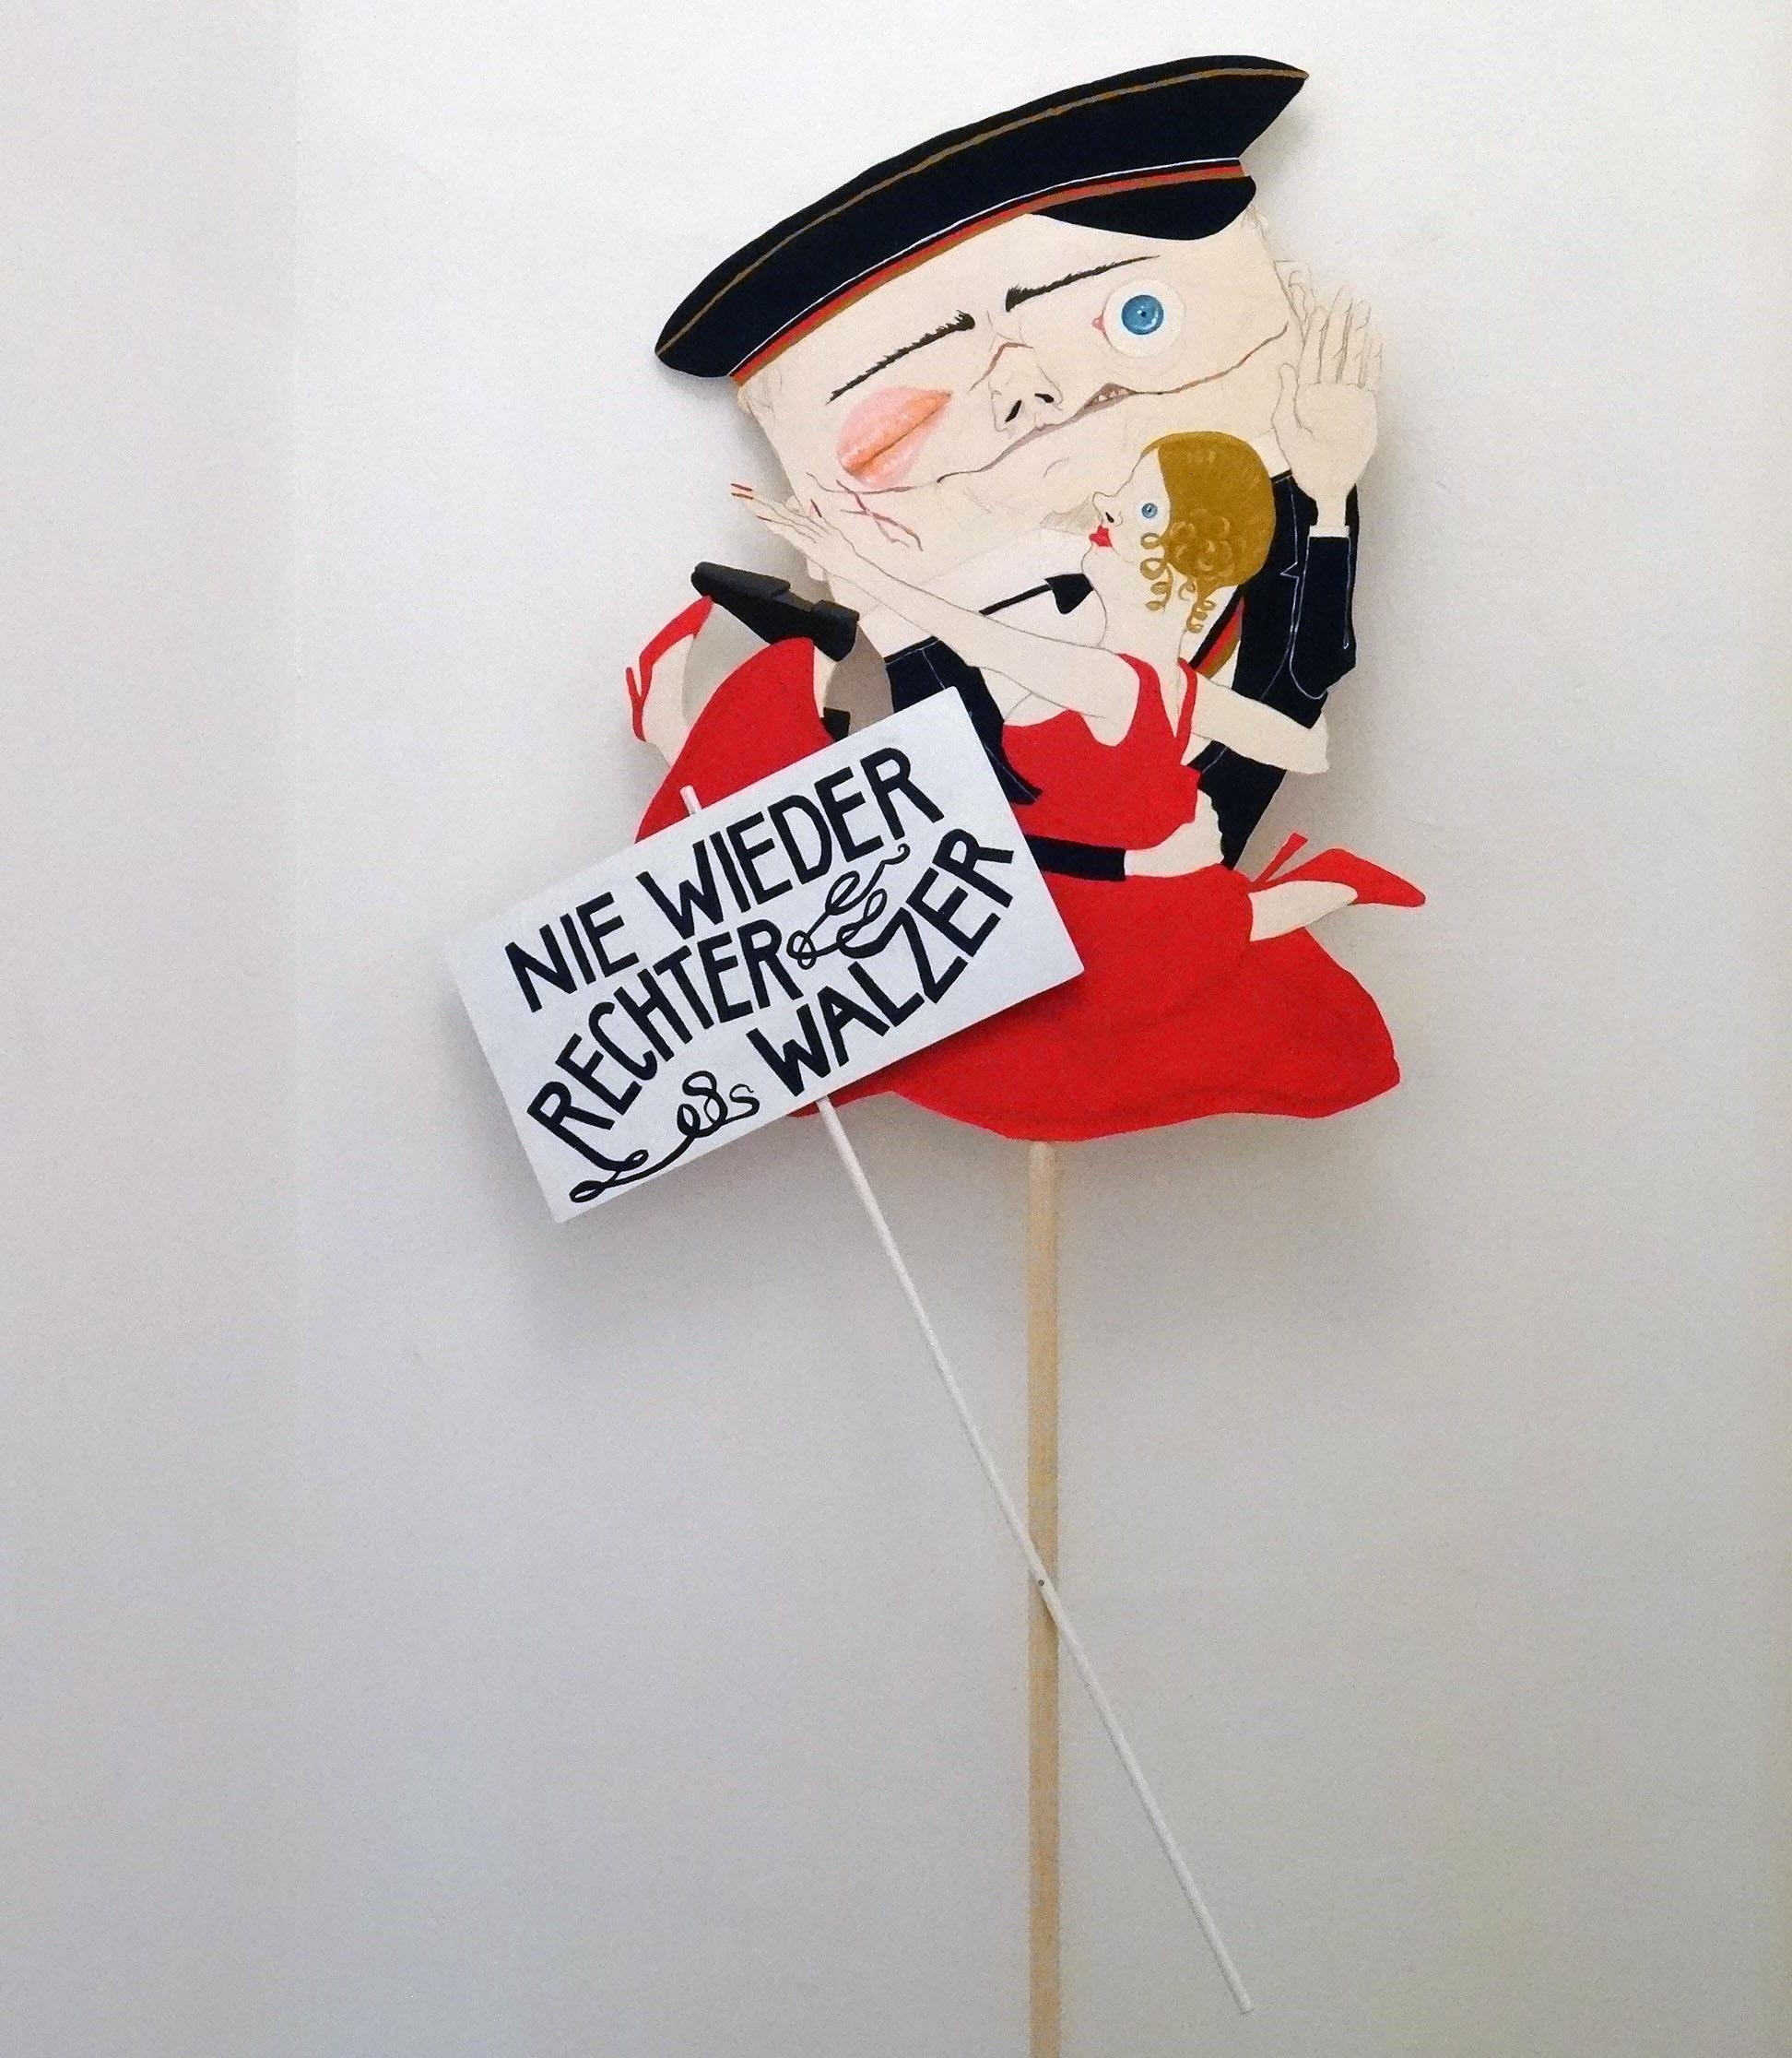 Annemarie Arzberger   Nie Wieder Rechter Walzer   2015   Galerie3